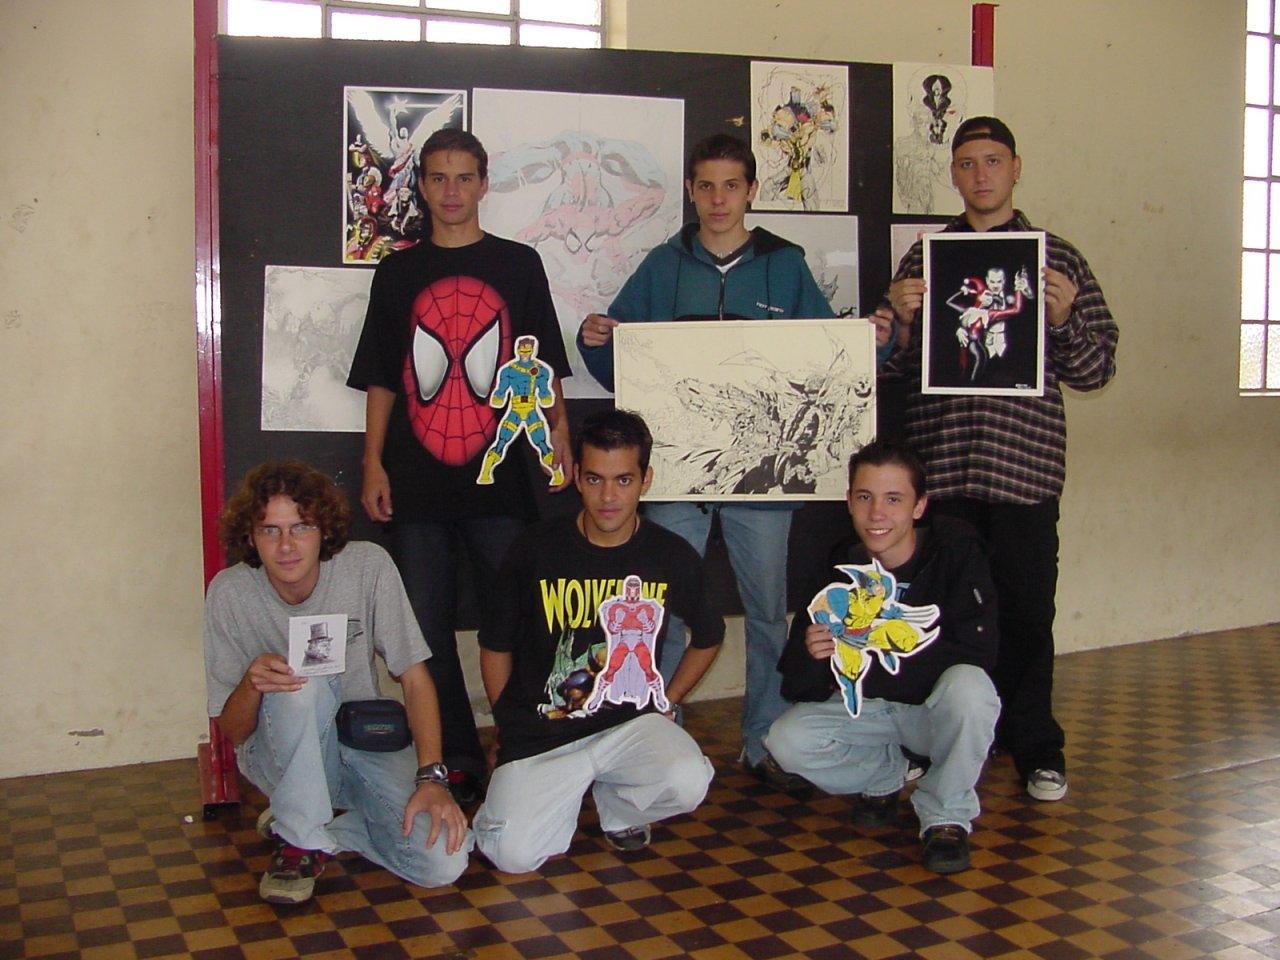 Jaguariúna chegou ter um movimento de divulgação de desenhos em diferentes estilos (Fotos Gislaine Mathias)